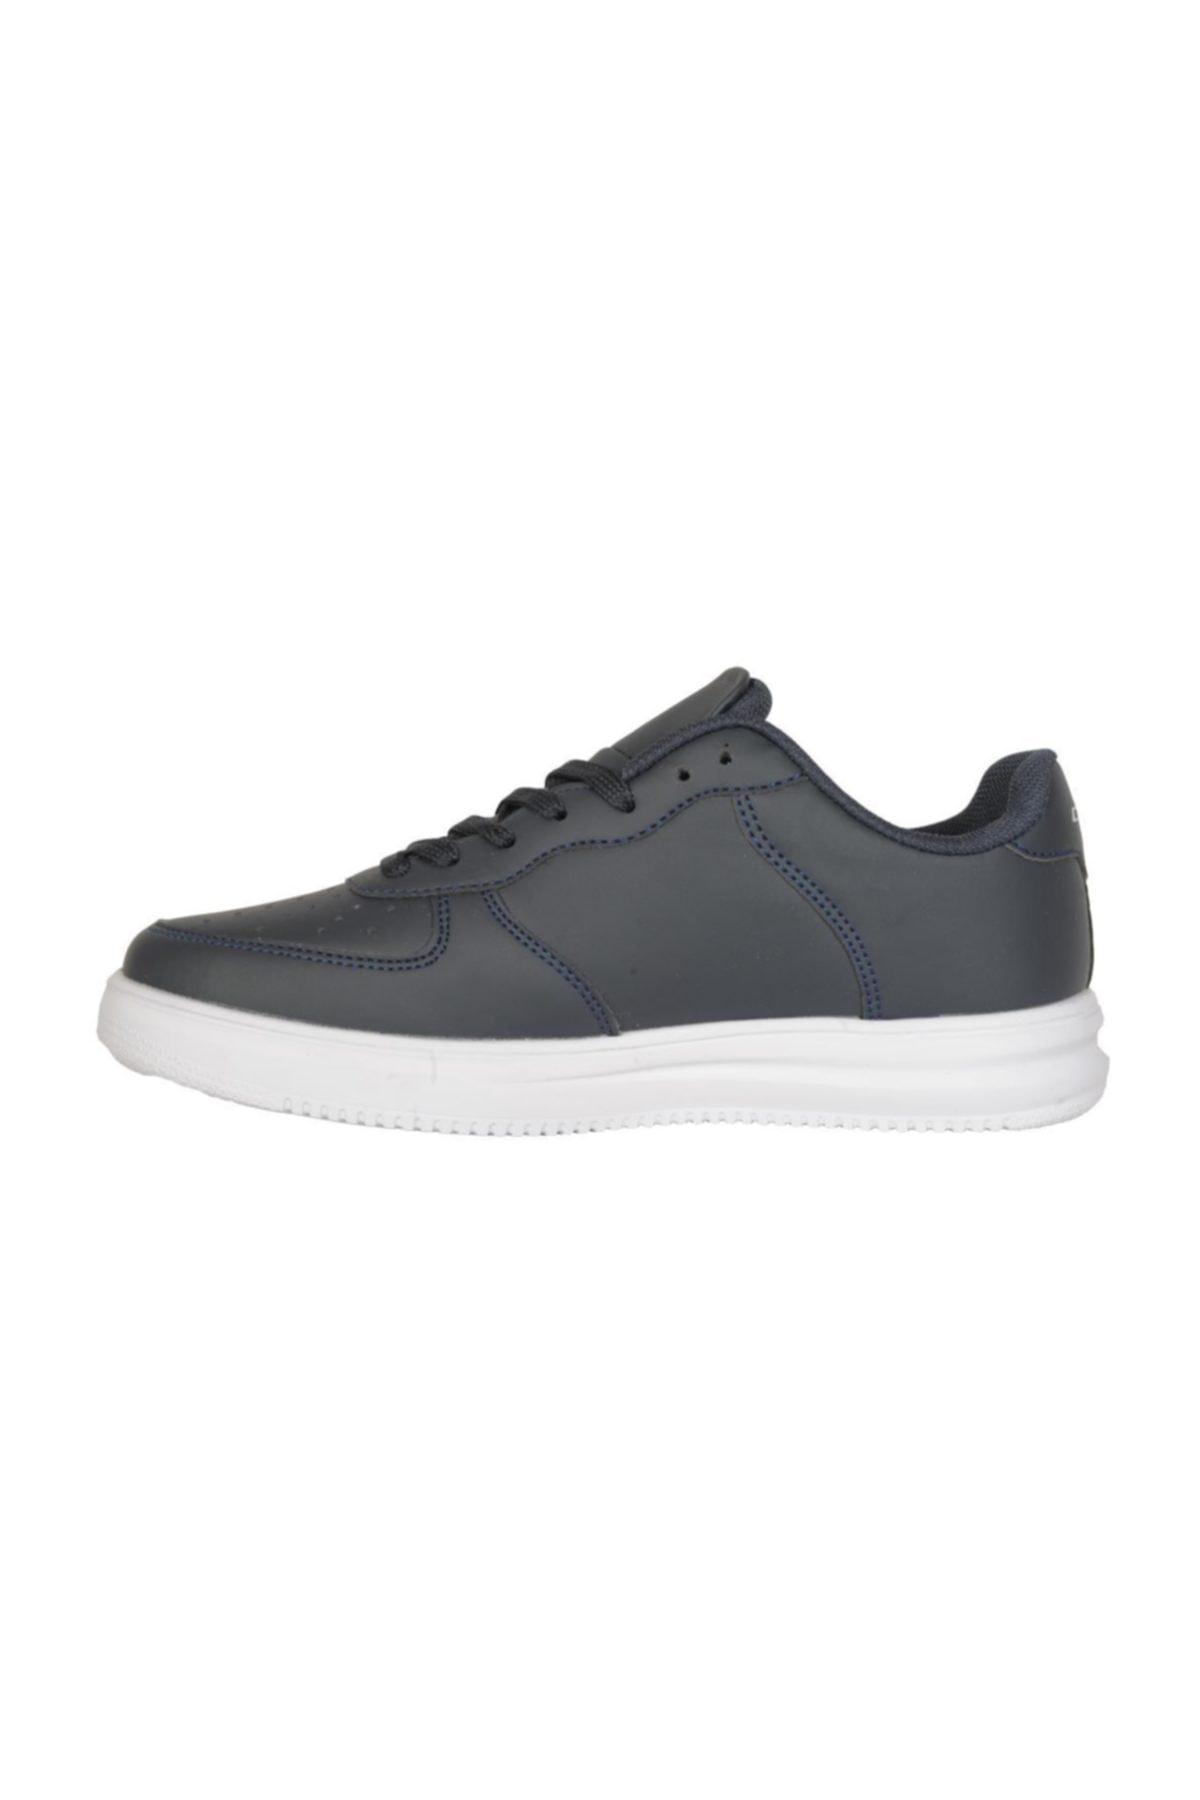 Cheta C042 Lacivert Günlük Yürüyüş Spor Ayakkabı 2